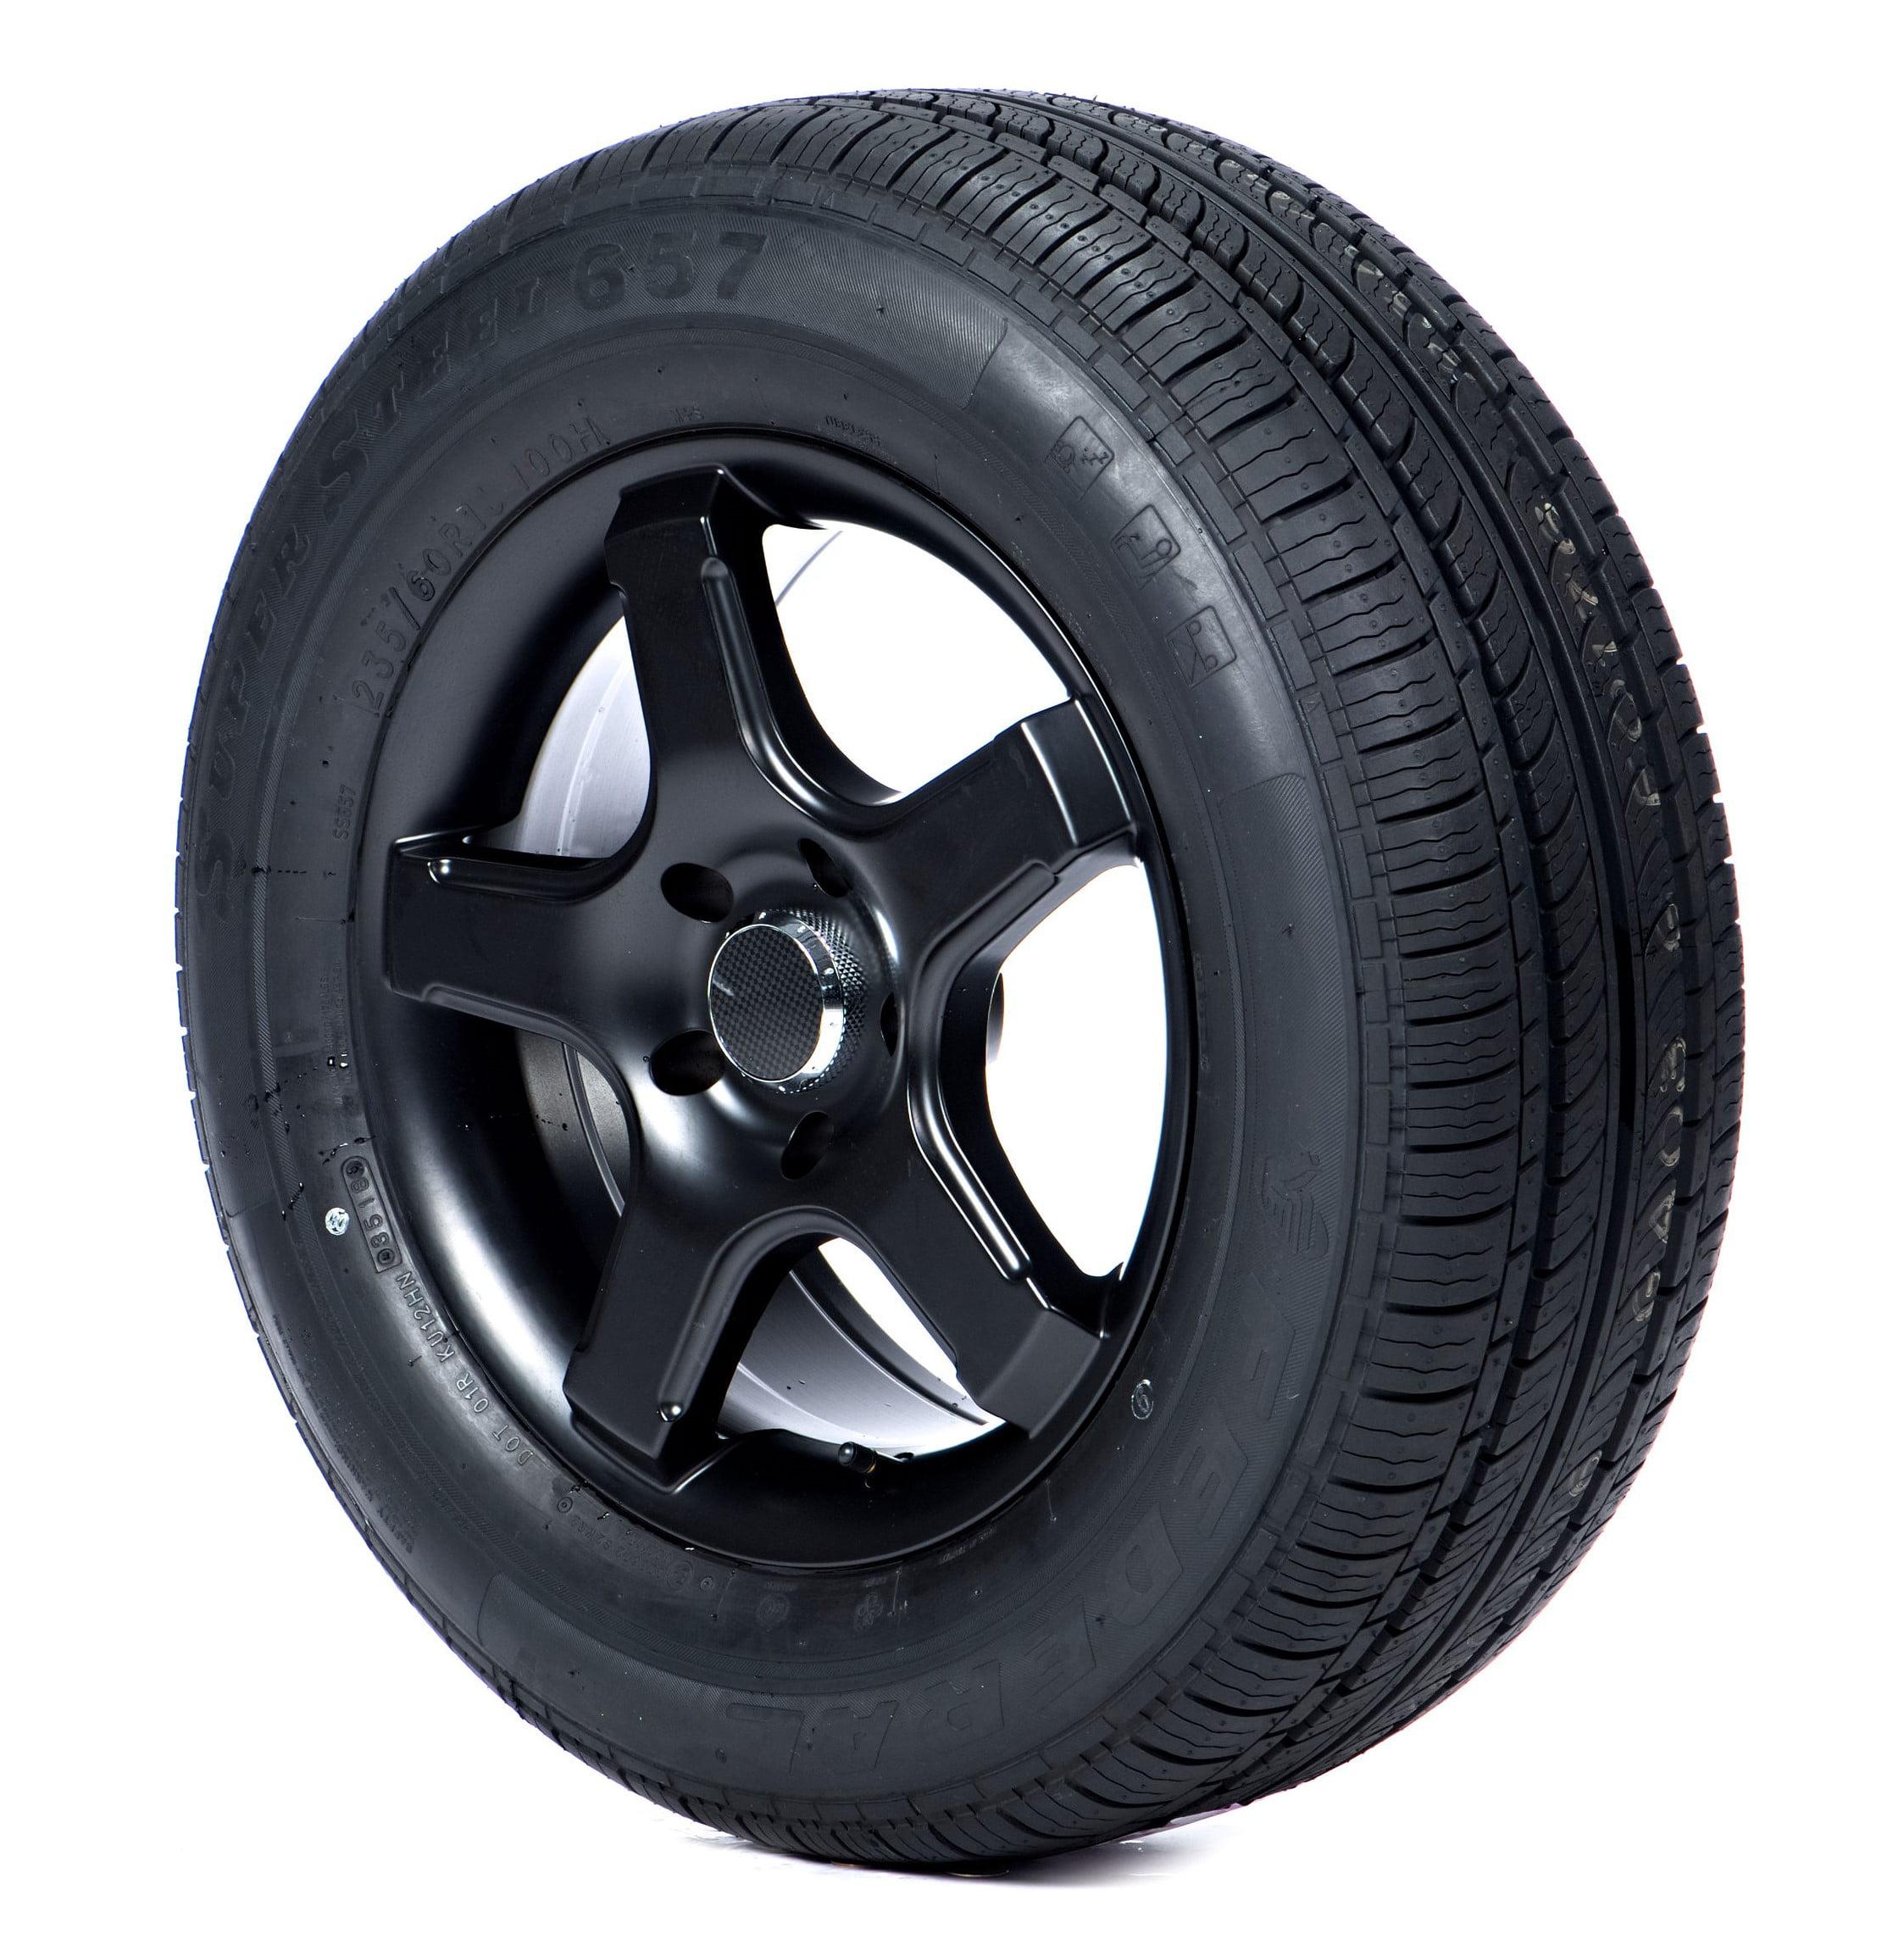 Federal SS-657 All-Season Tire - 165/65R14 79T